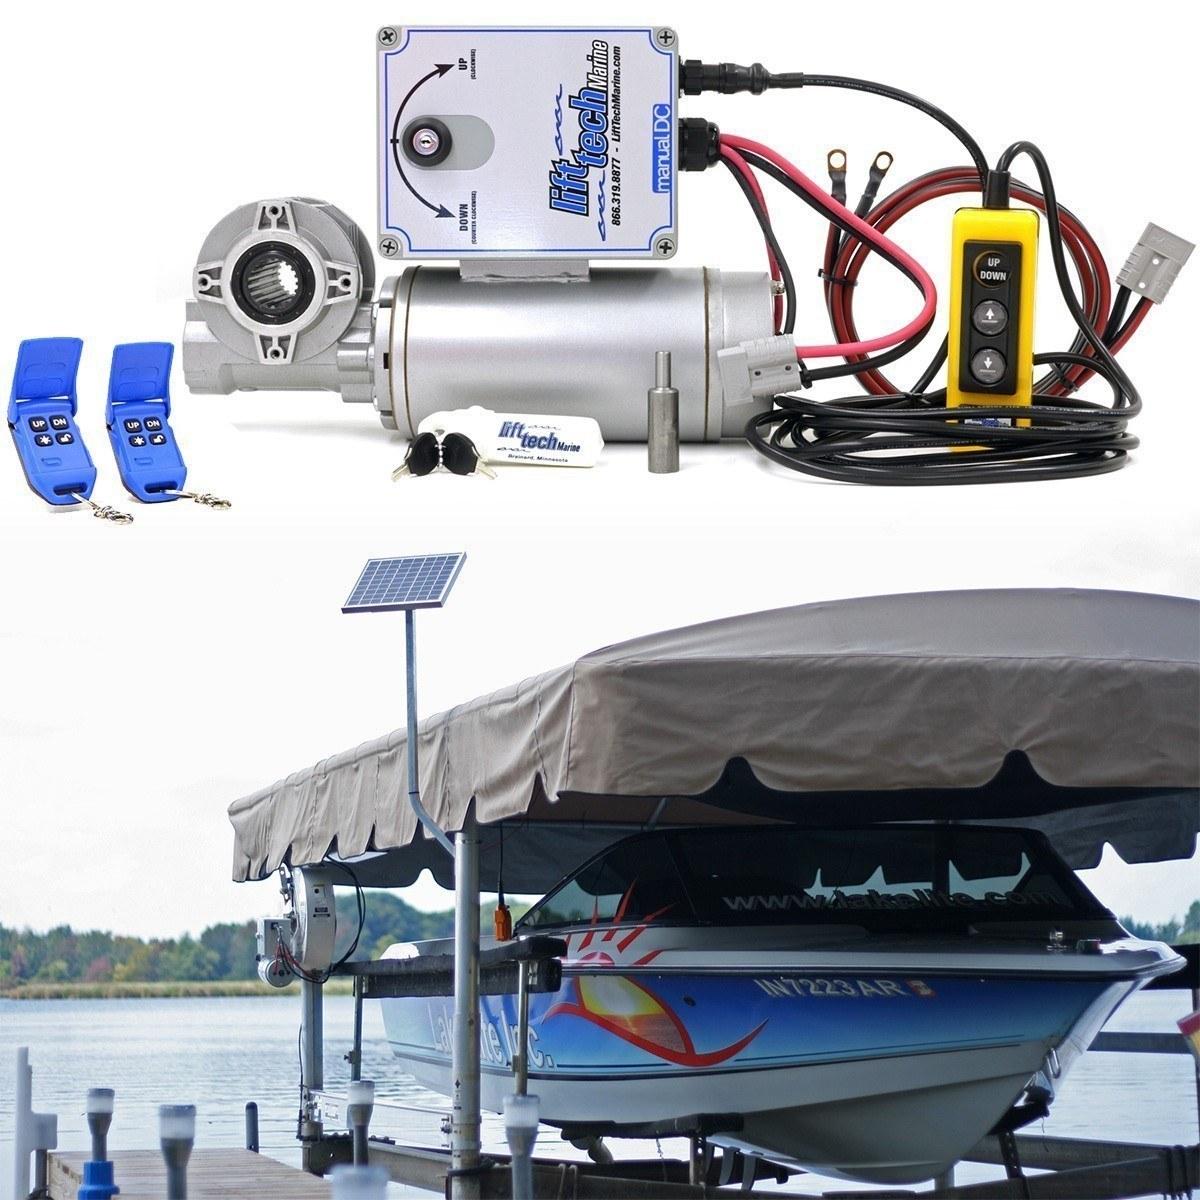 12v Direct Drive Boat Lift Motor 10w 12v Boat Lift